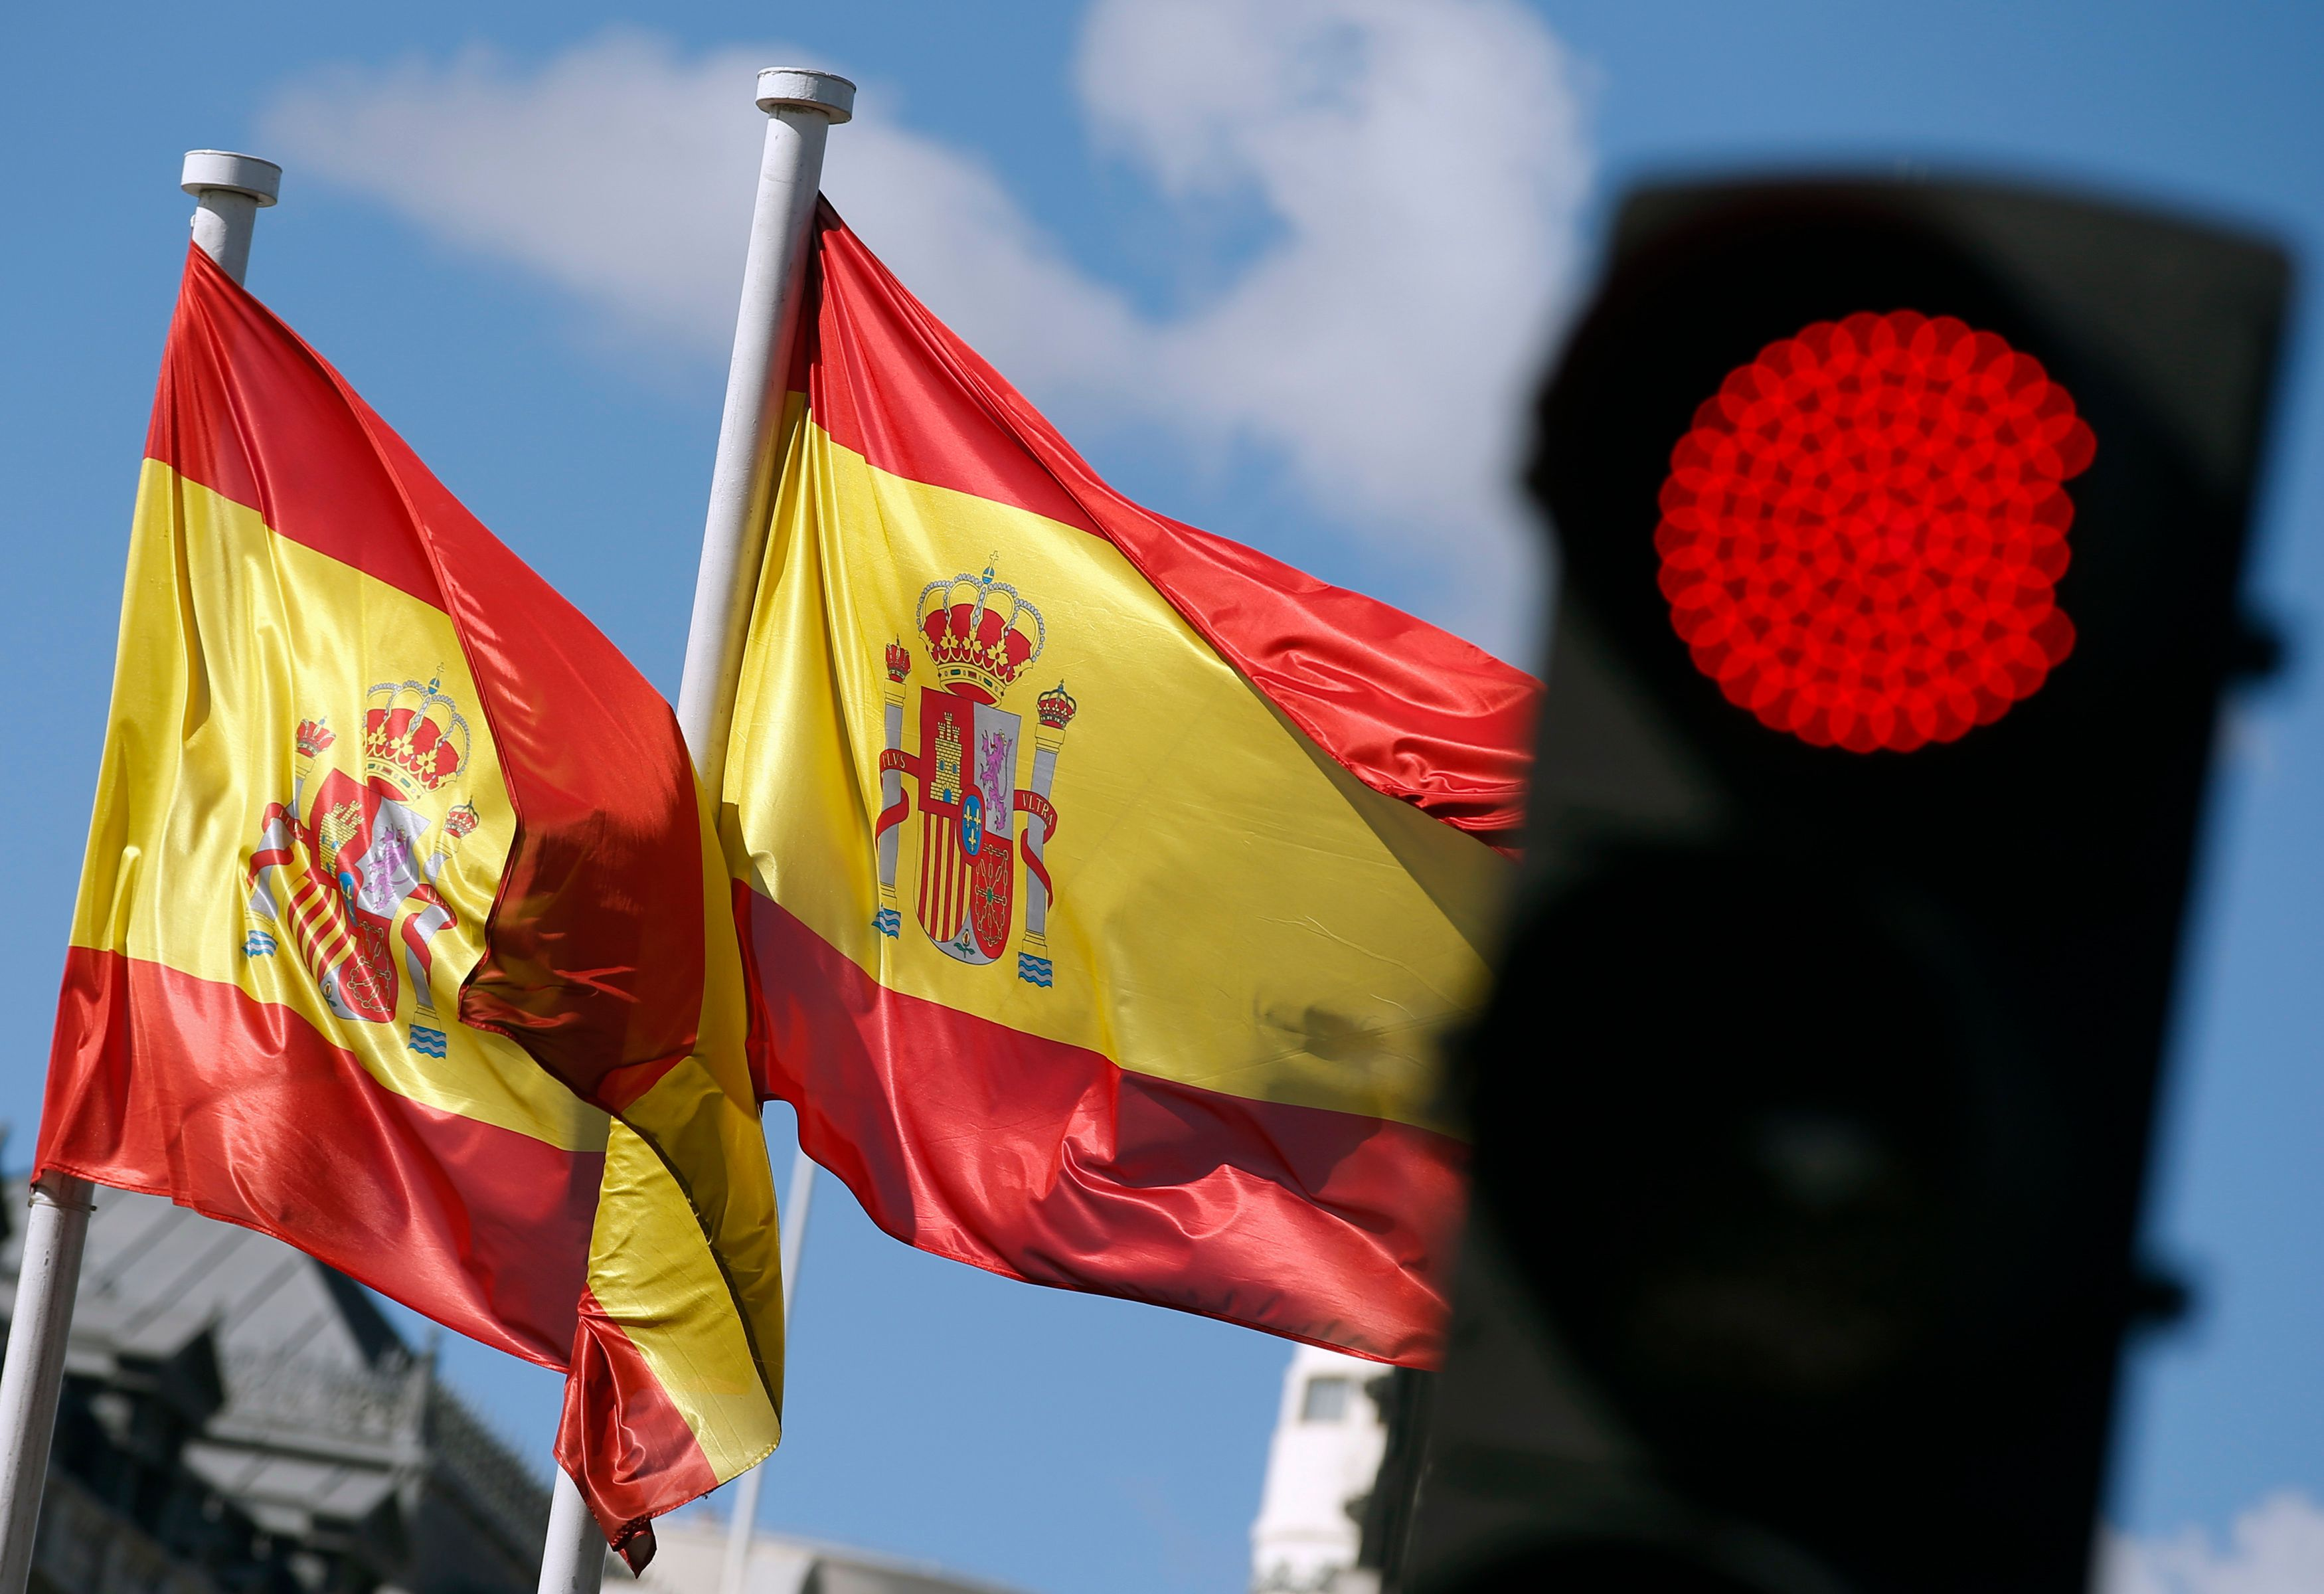 L'Espagne doit faire face aux ambitions séparatistes de la Catalogne en plus de la crise.